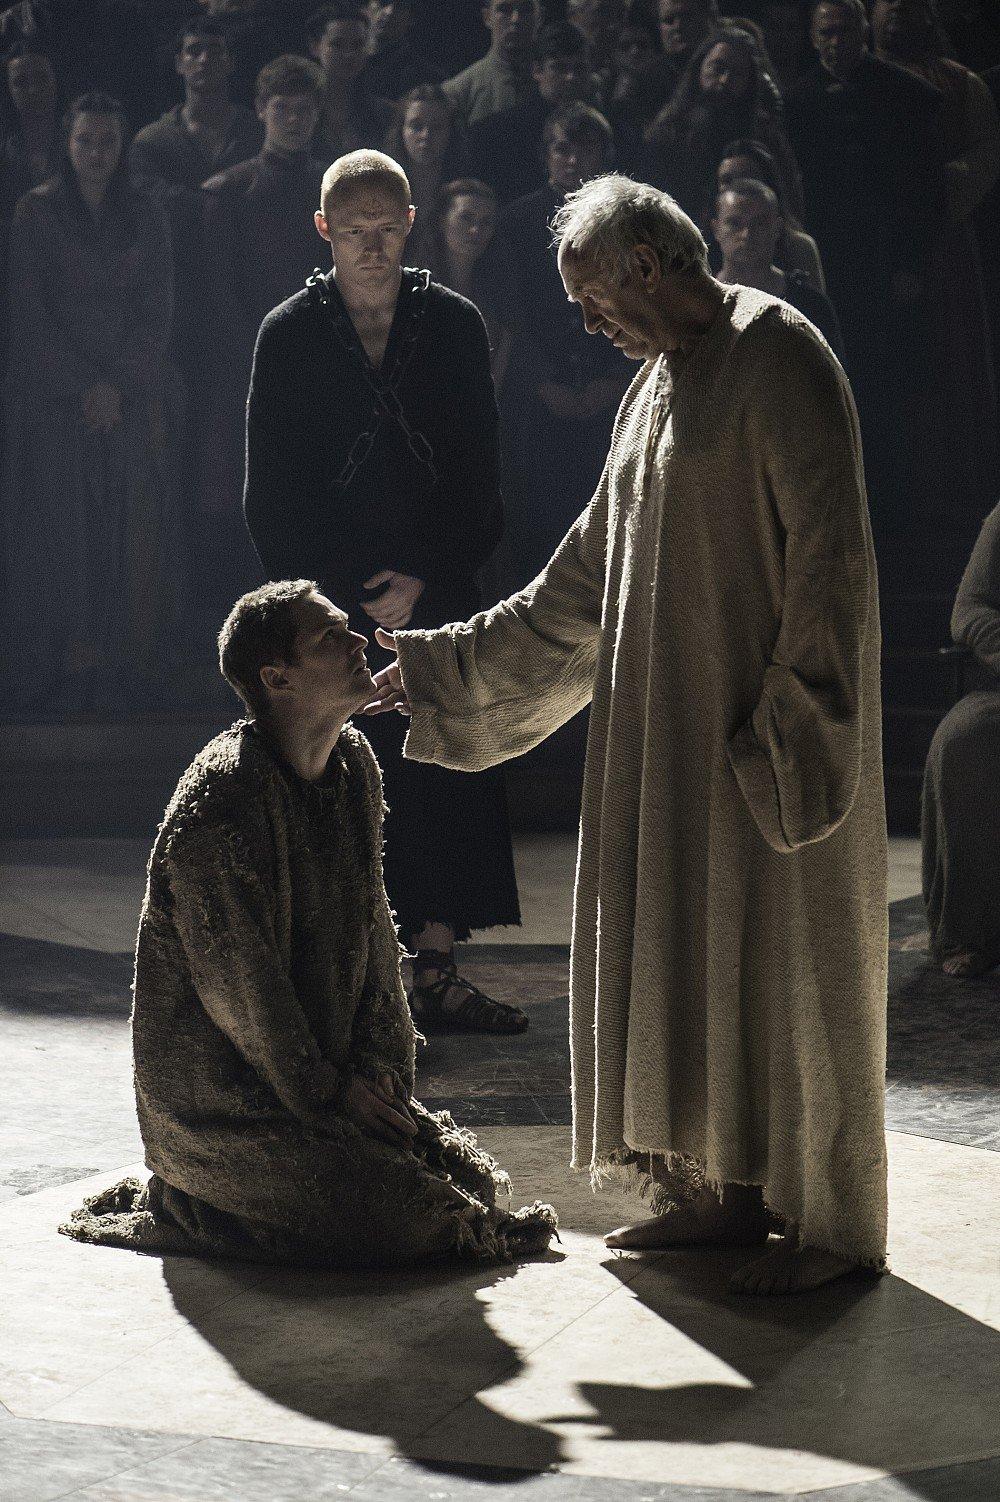 Рецензия на шестой сезон «Игры престолов» - Изображение 11